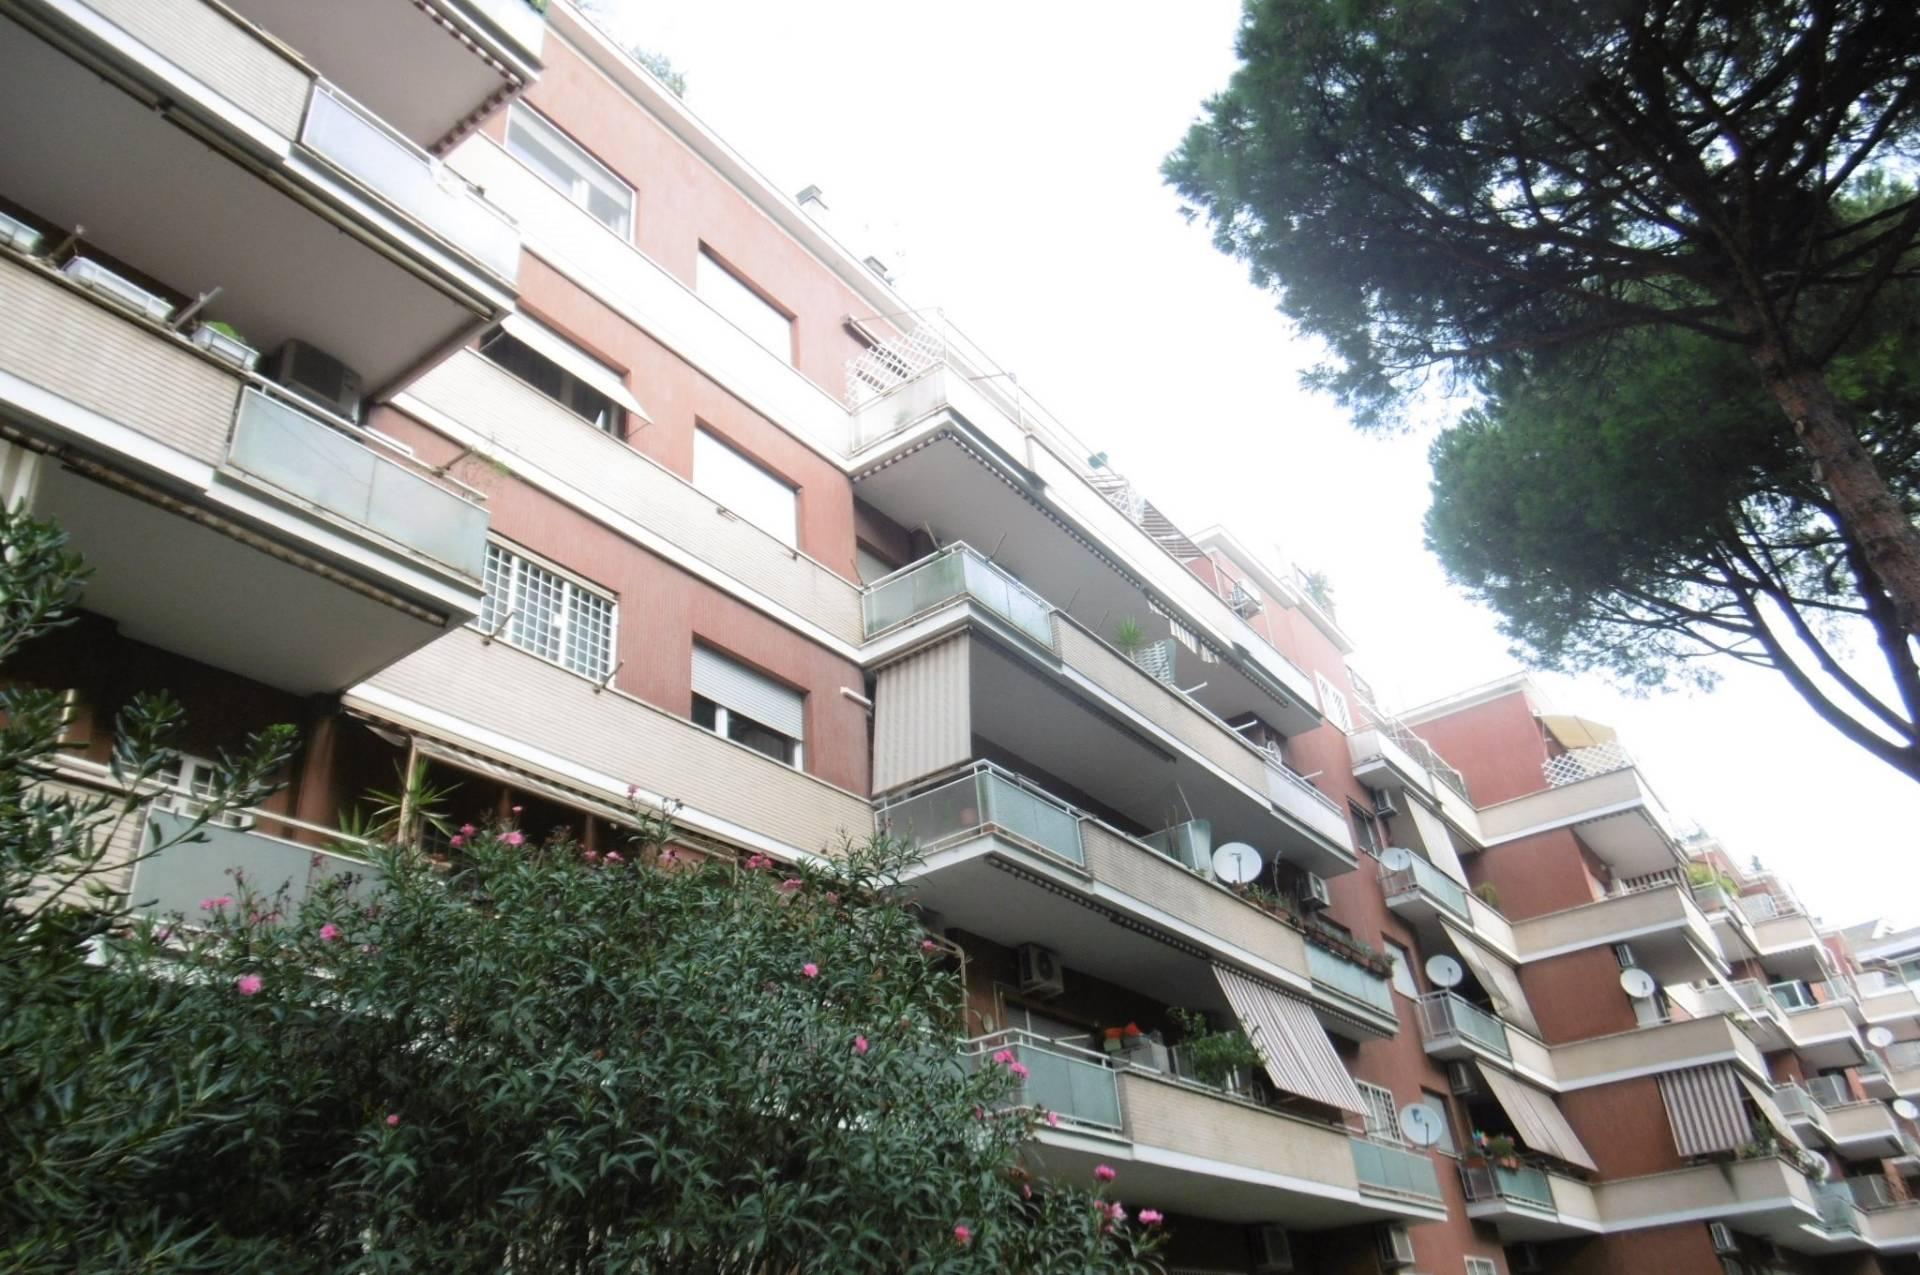 affitto appartamento roma talenti  1100 euro  3 locali  100 mq